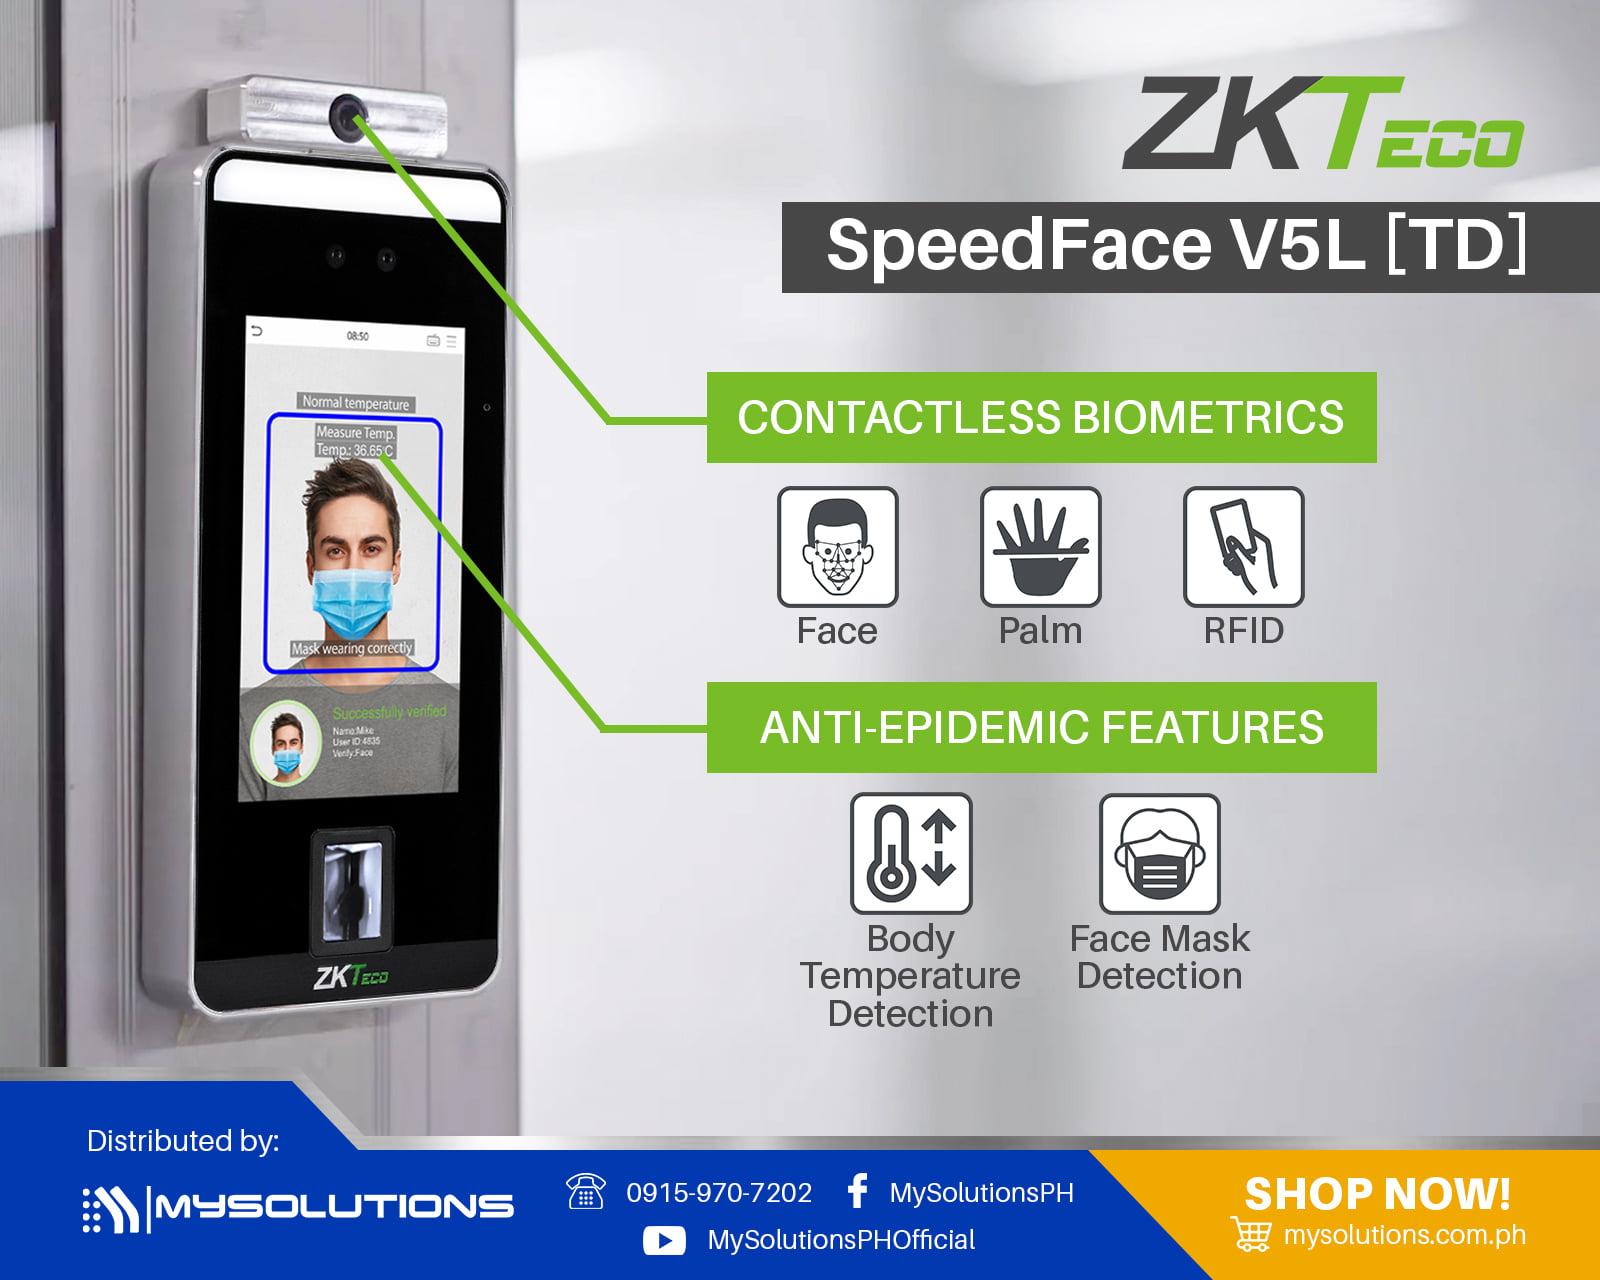 speedface-v5l